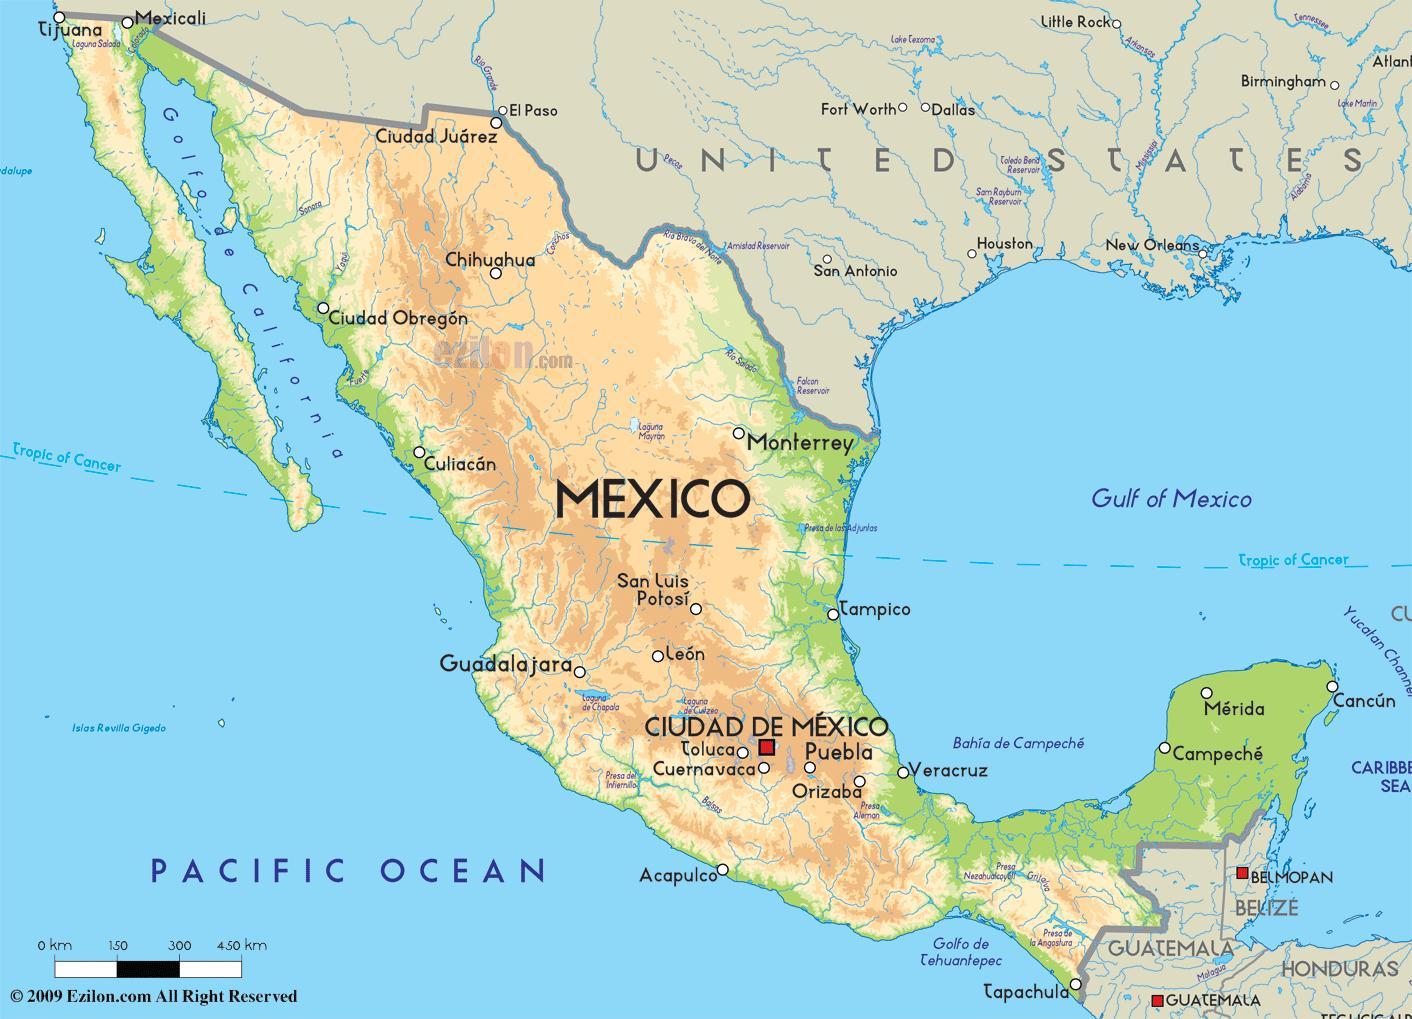 kart over mexico Kart over amerika og Mexico   Kartet av Mexico og usa (Sentral  kart over mexico